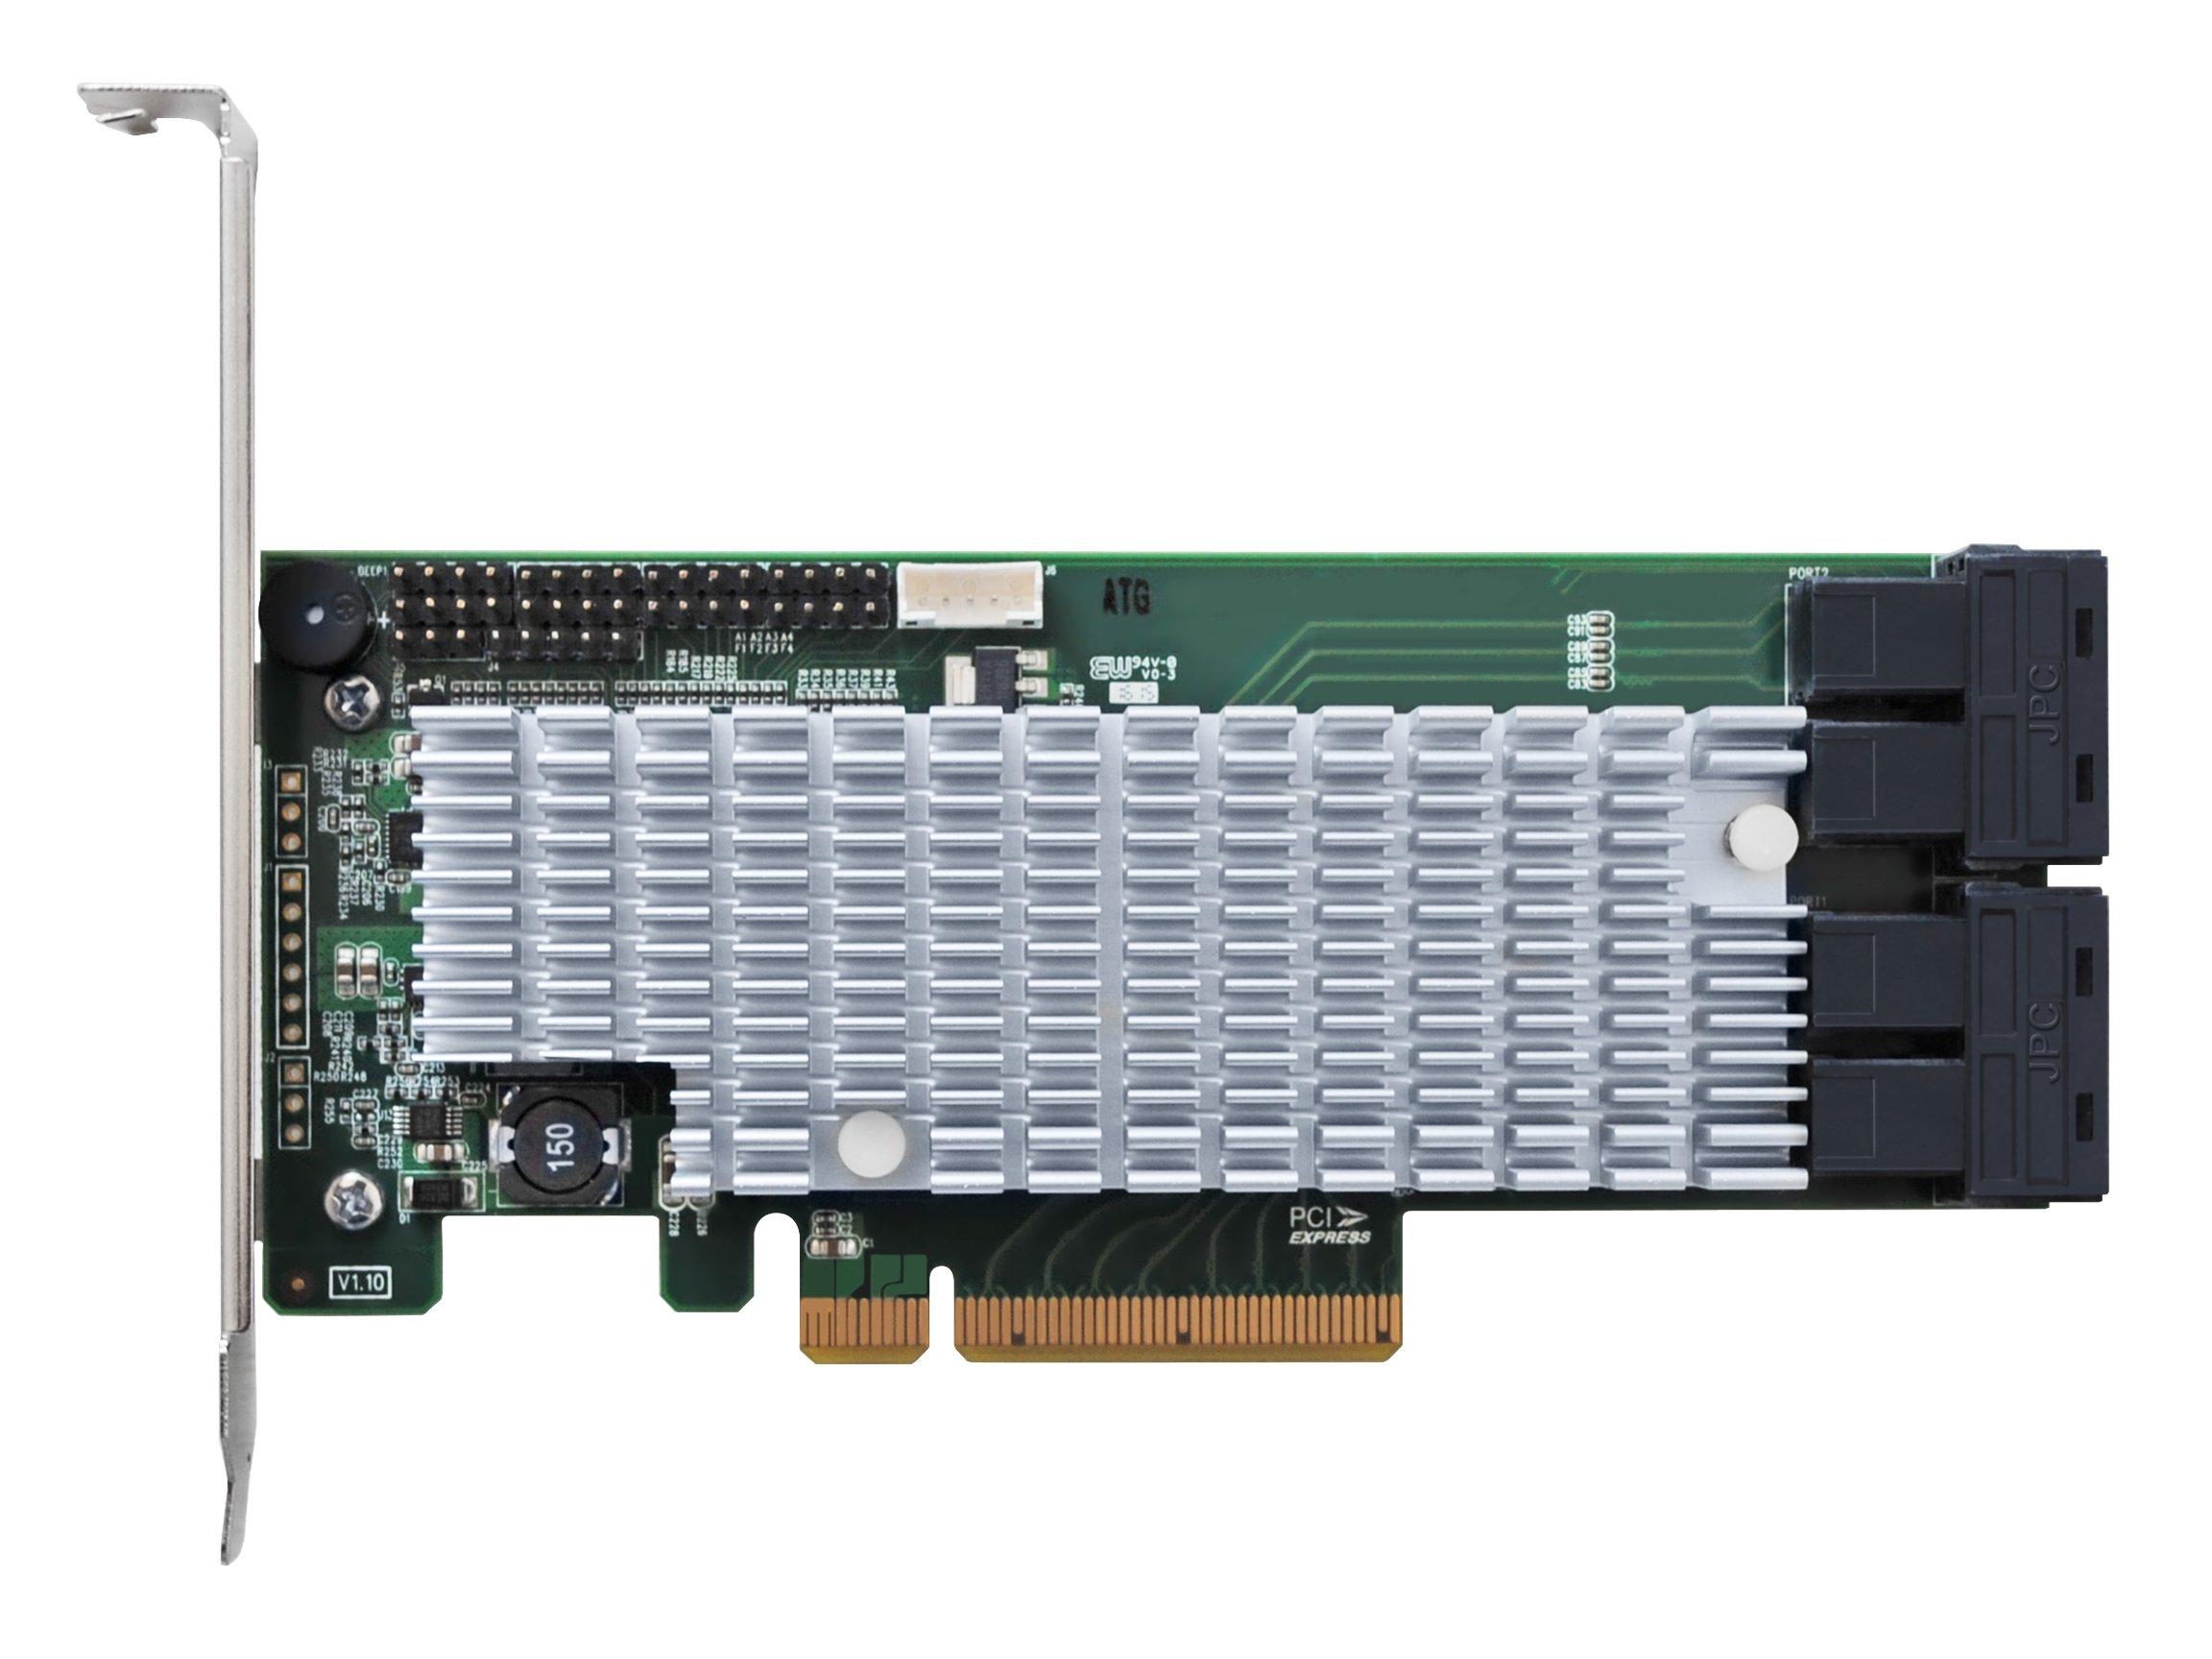 HighPoint RocketRAID 2840A PCIe 3.0 x8 16-Channel 6Gb/s SAS/SATA RAID Host Bus Adapter